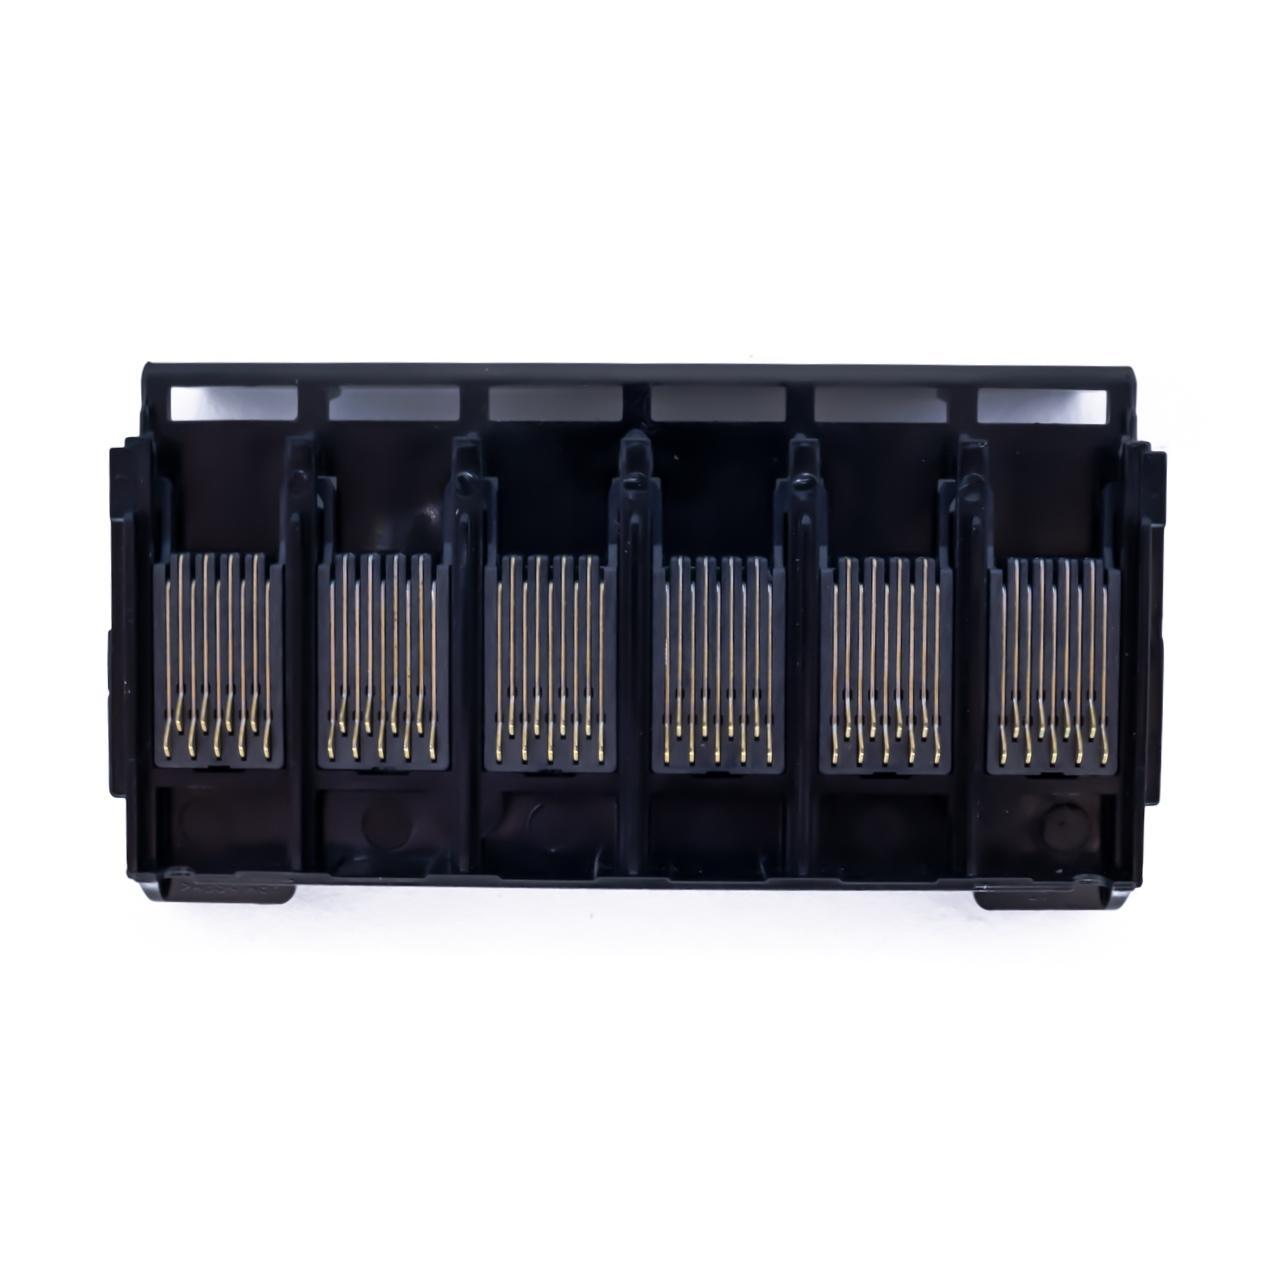 Placa + Suporte com Contatos da Epson T50, R290, R280 e Artisan 50